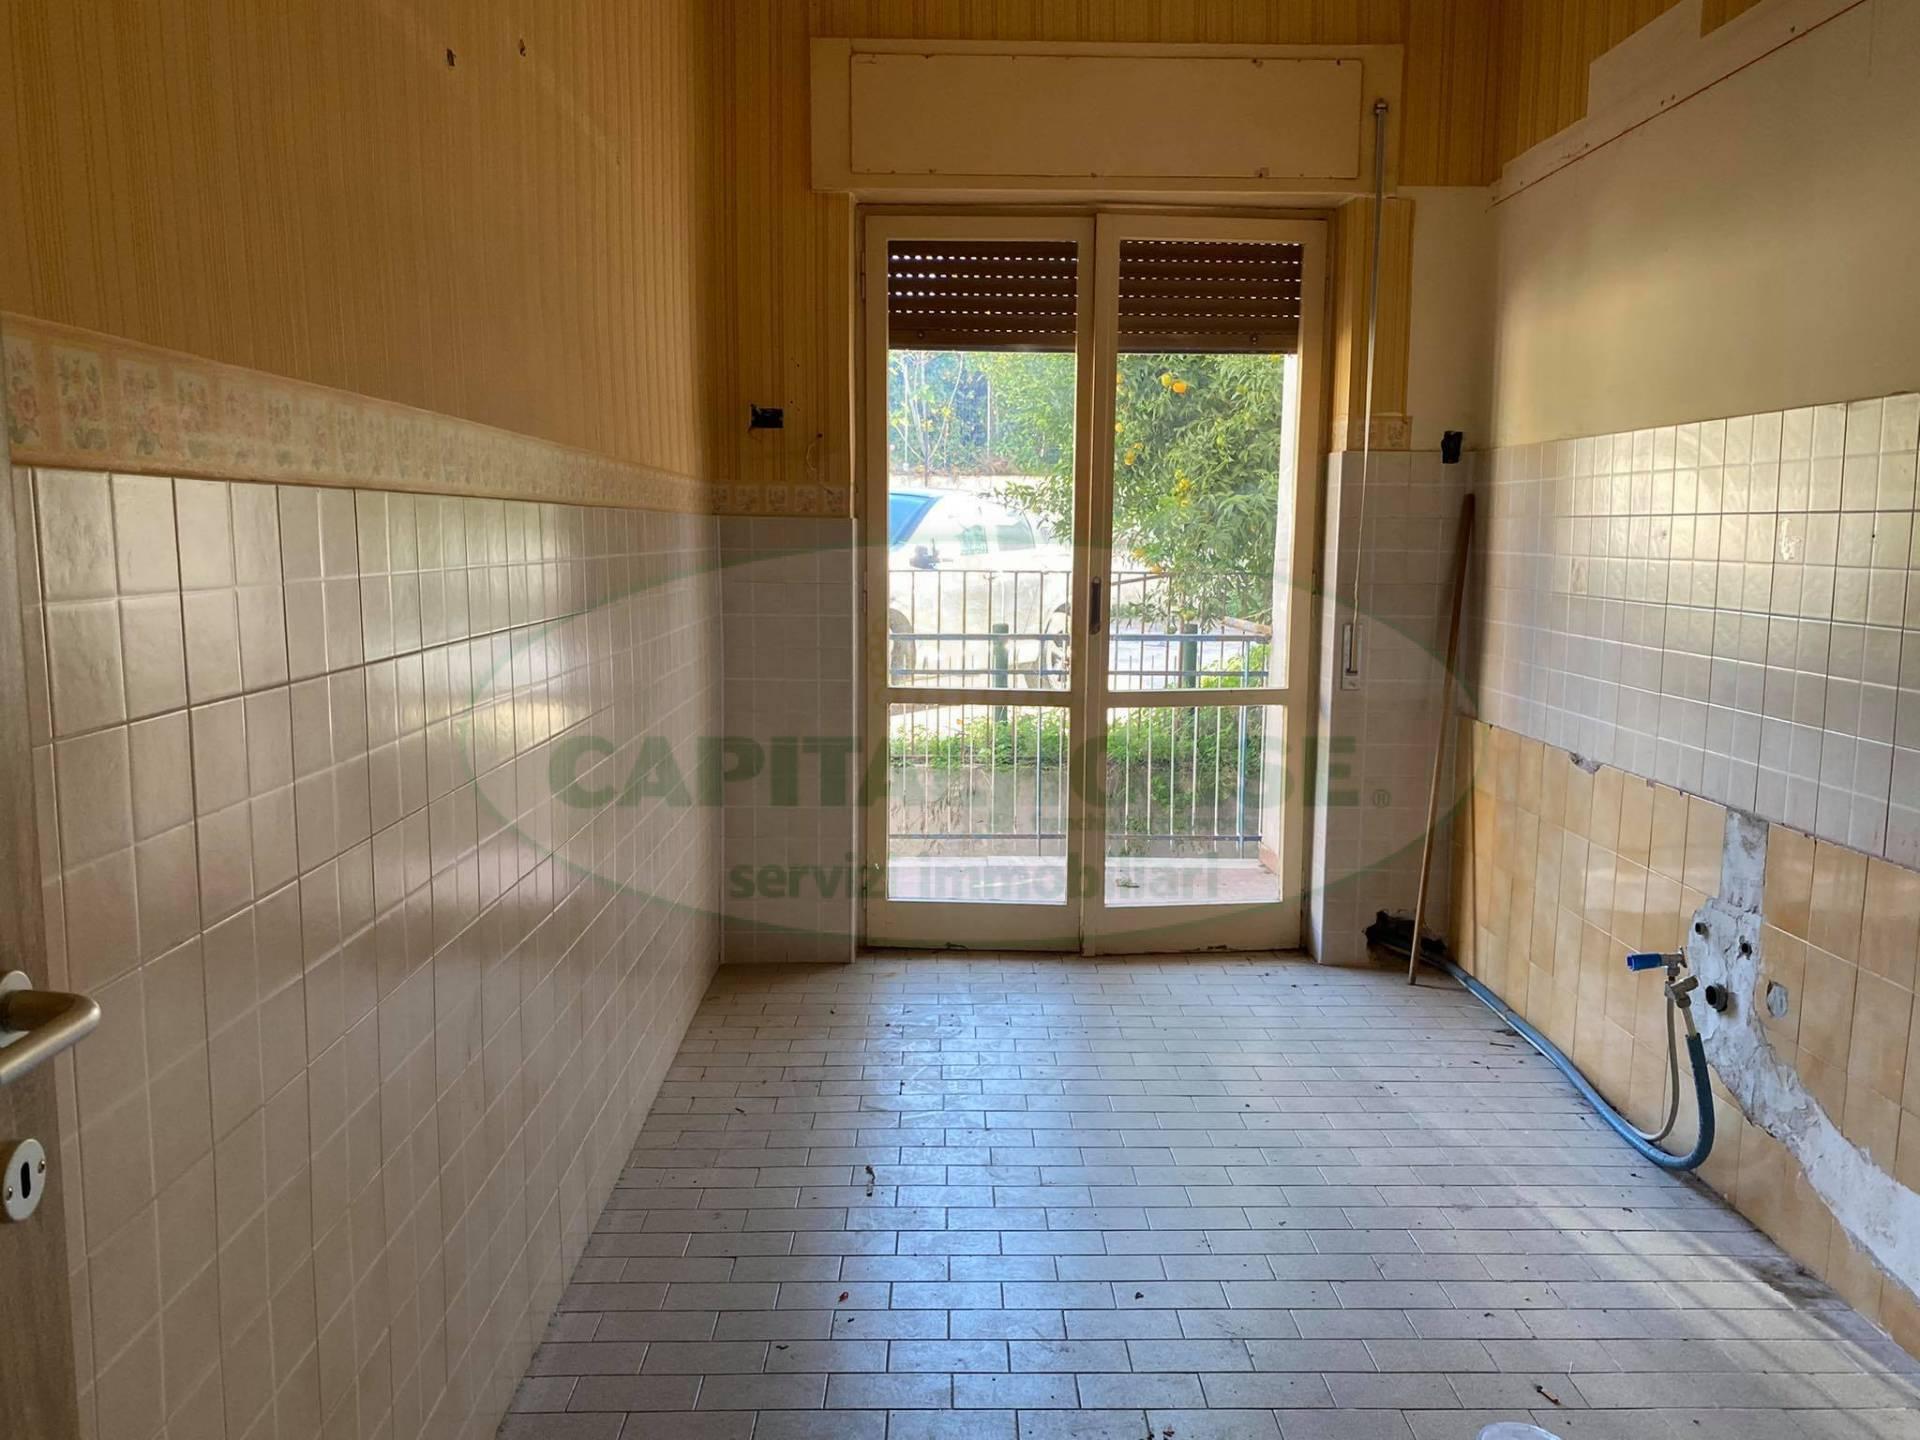 Appartamento in affitto a Afragola, 3 locali, zona Località: CorsoVittorioEmanuele, prezzo € 350 | CambioCasa.it